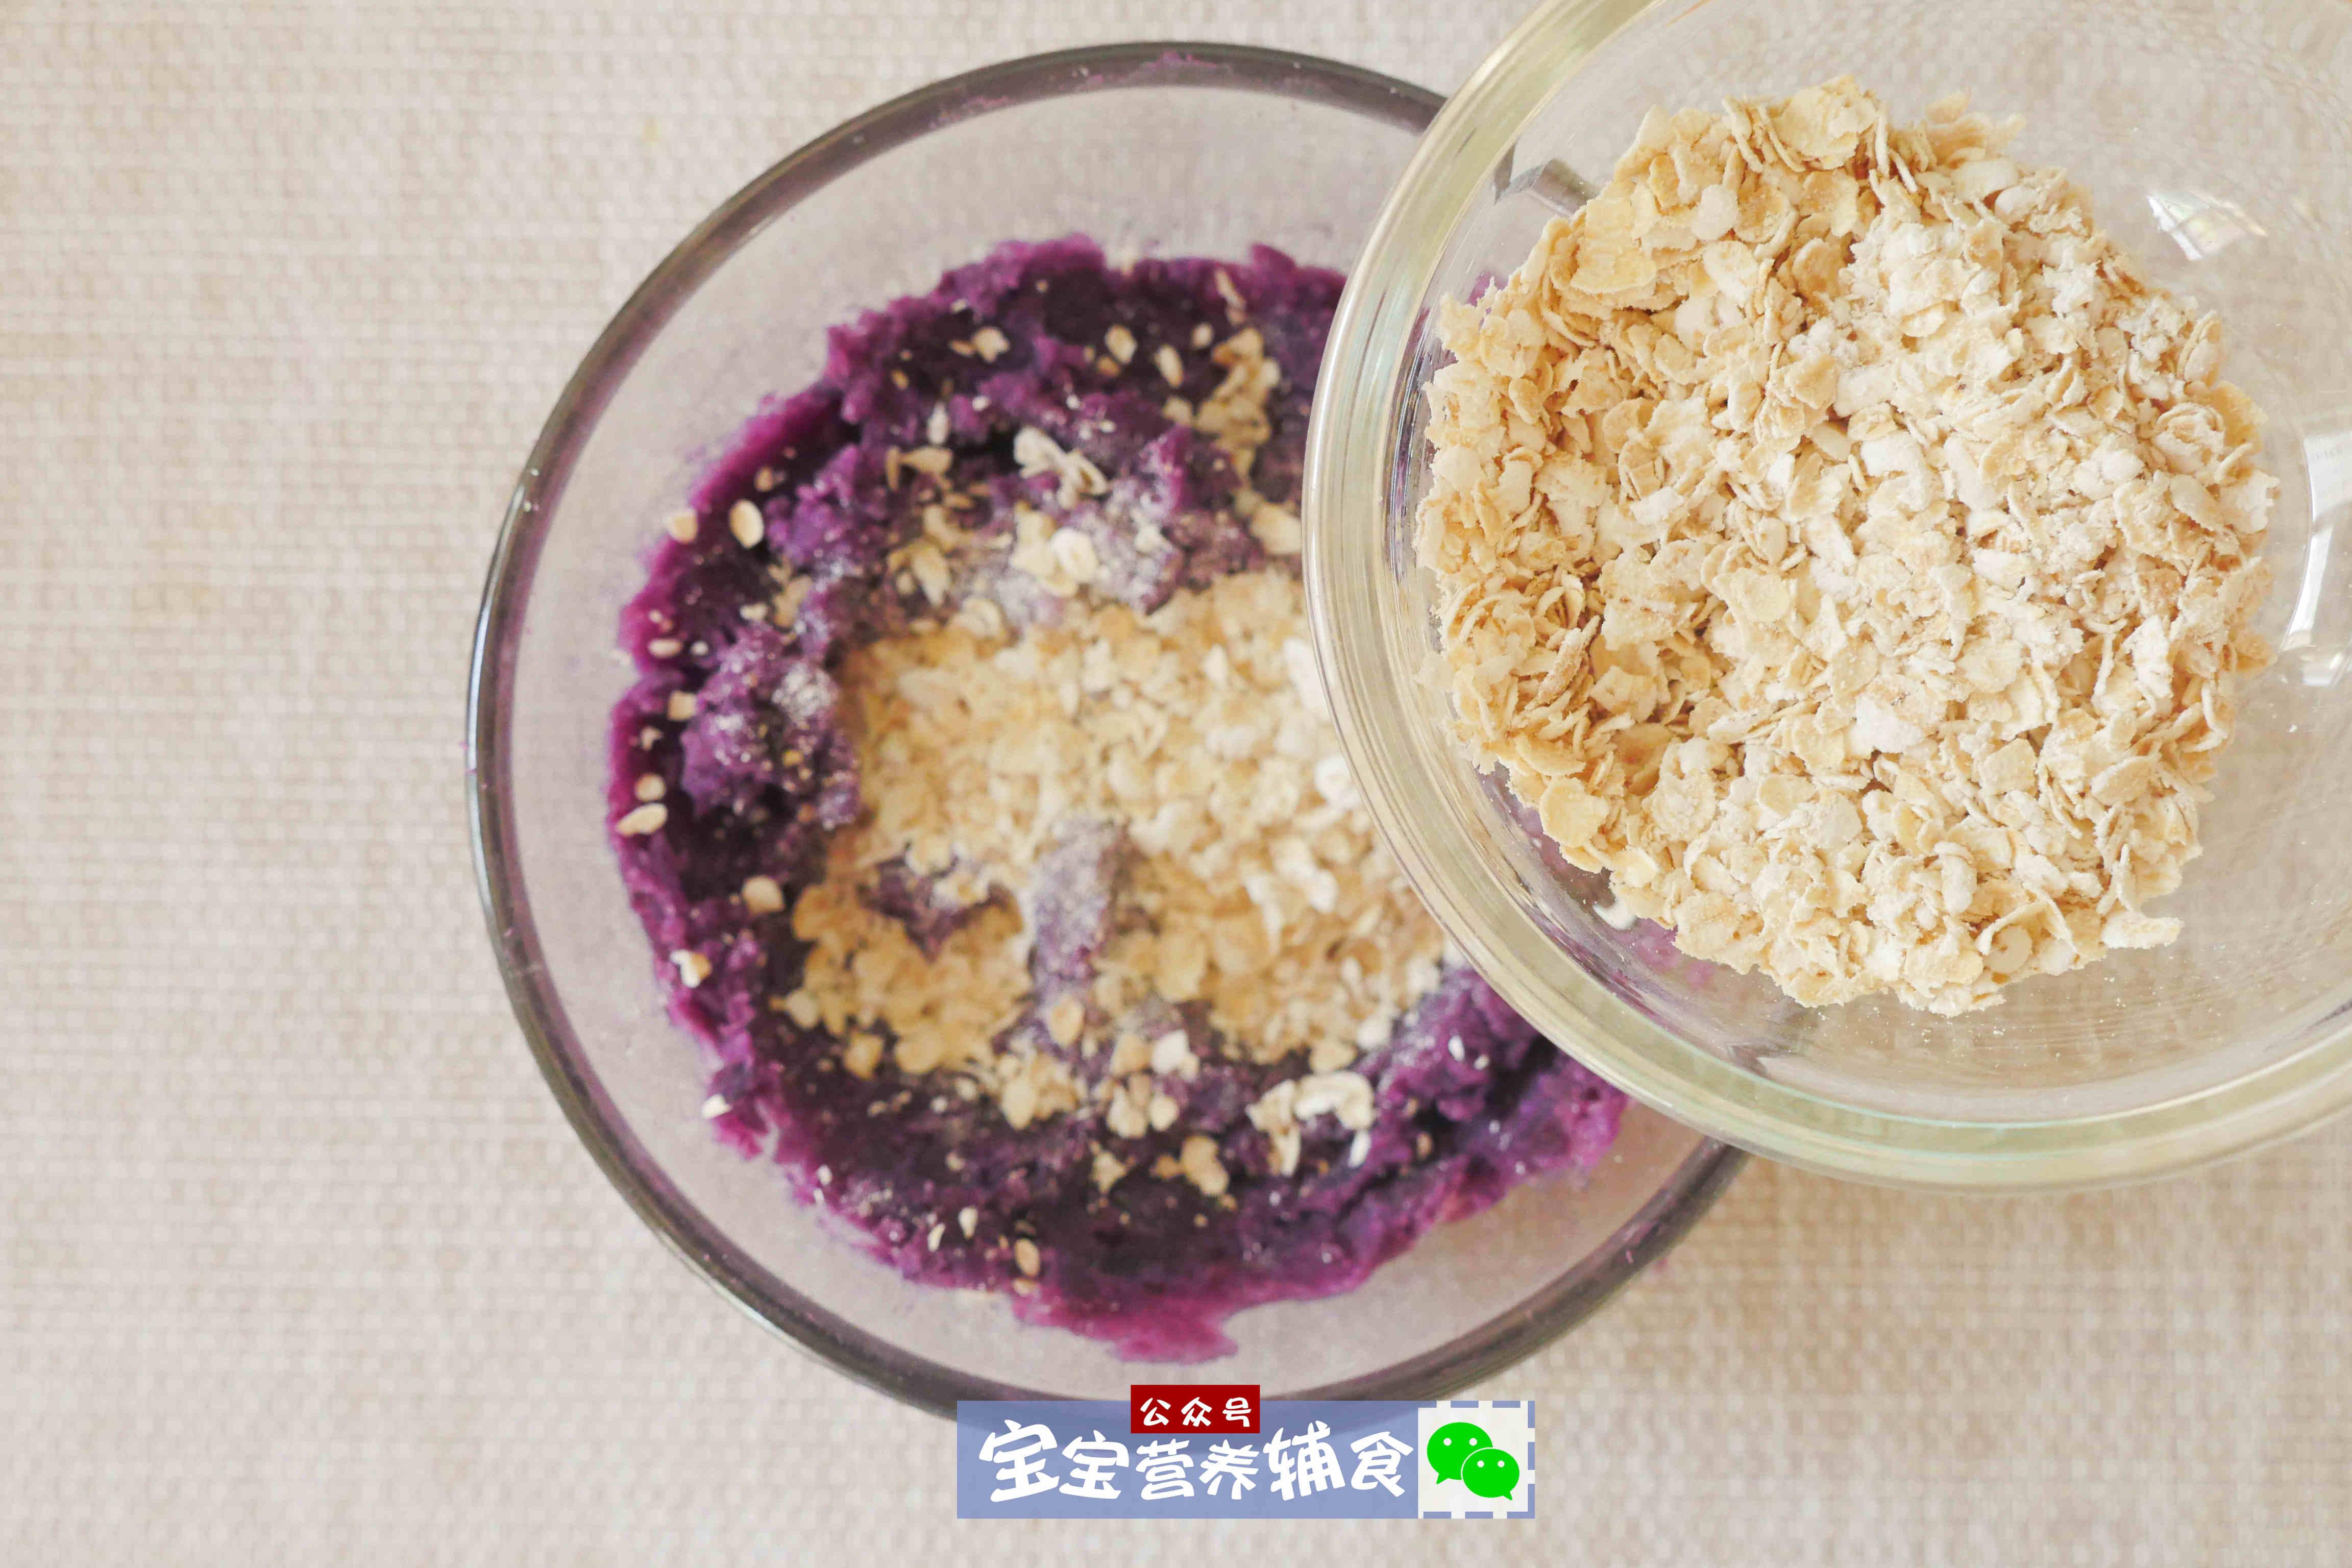 美食-免费yoqq紫薯爆浆燕麦方~宝宝辅食yoqq资源(9)